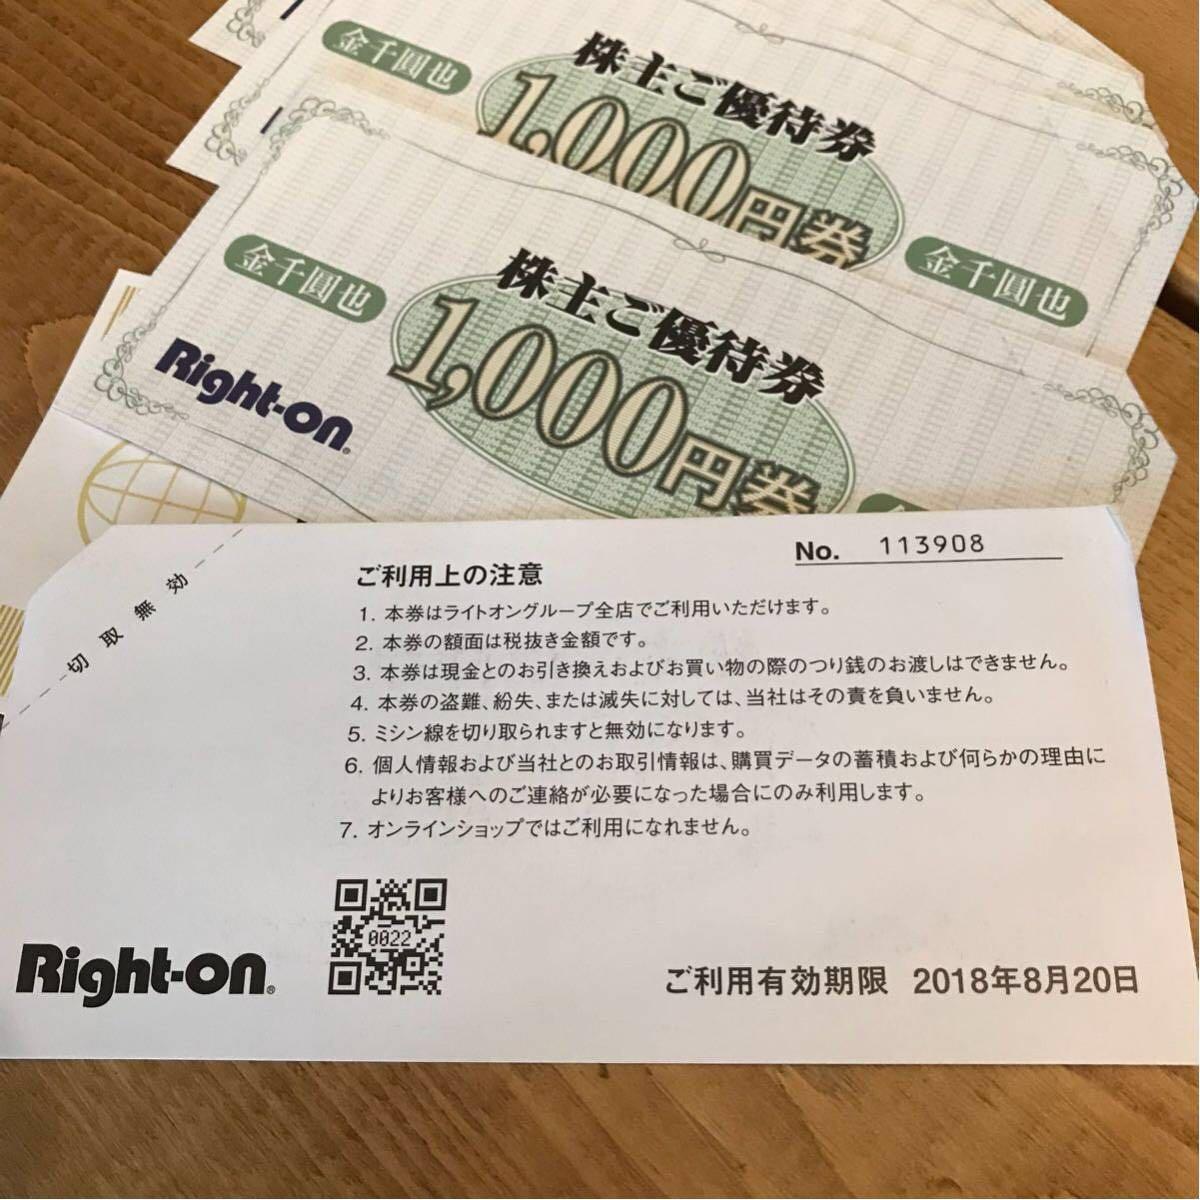 ライトオン right-on 株主優待券 商品券_画像3